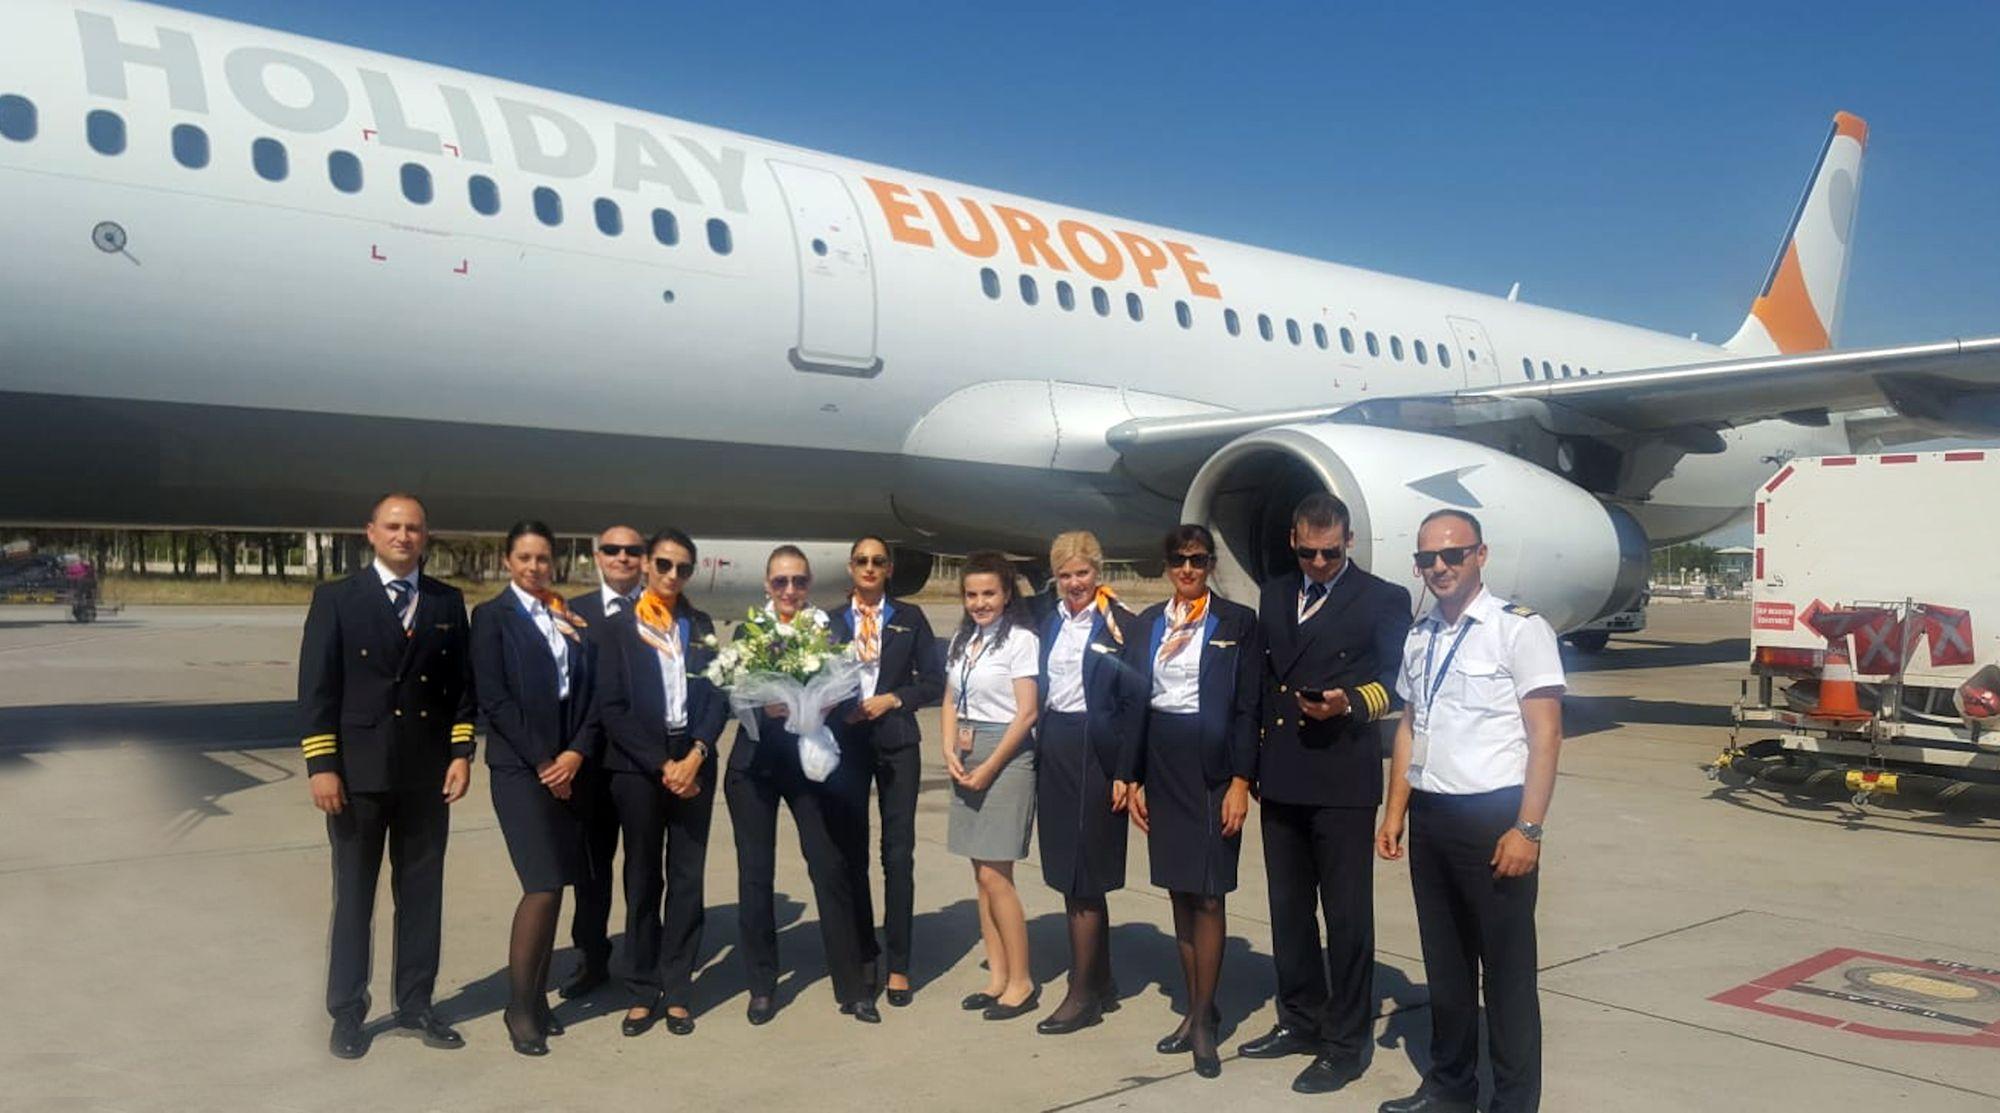 Resultado de imagen para holiday europe airlines